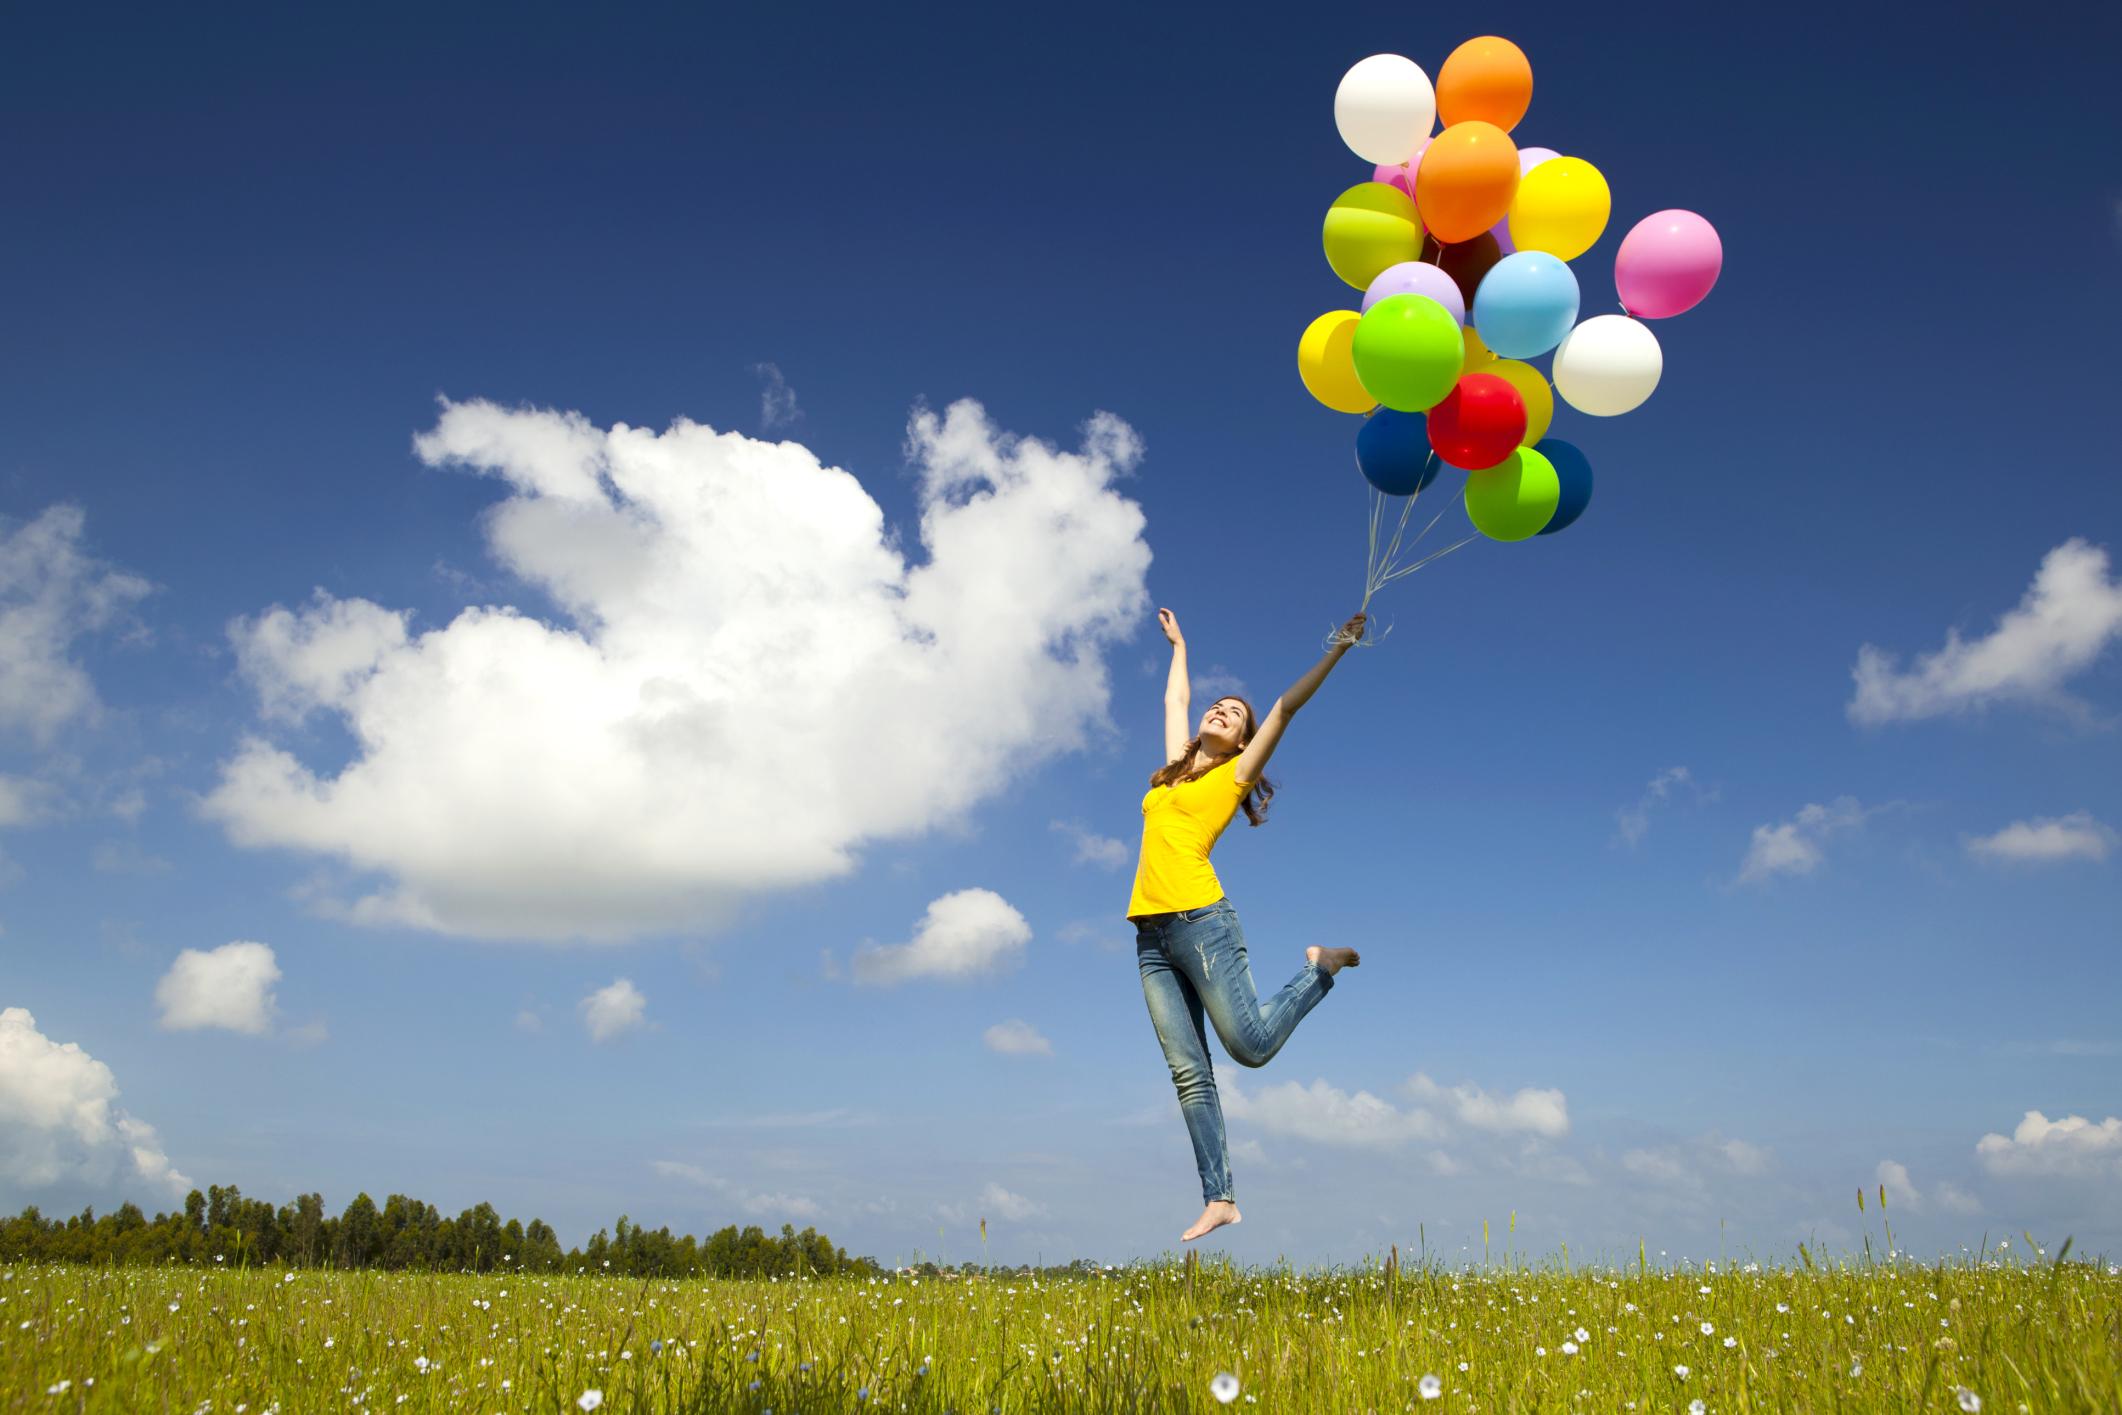 Análise da redação para a proposta sobre felicidade | Guia do Estudante